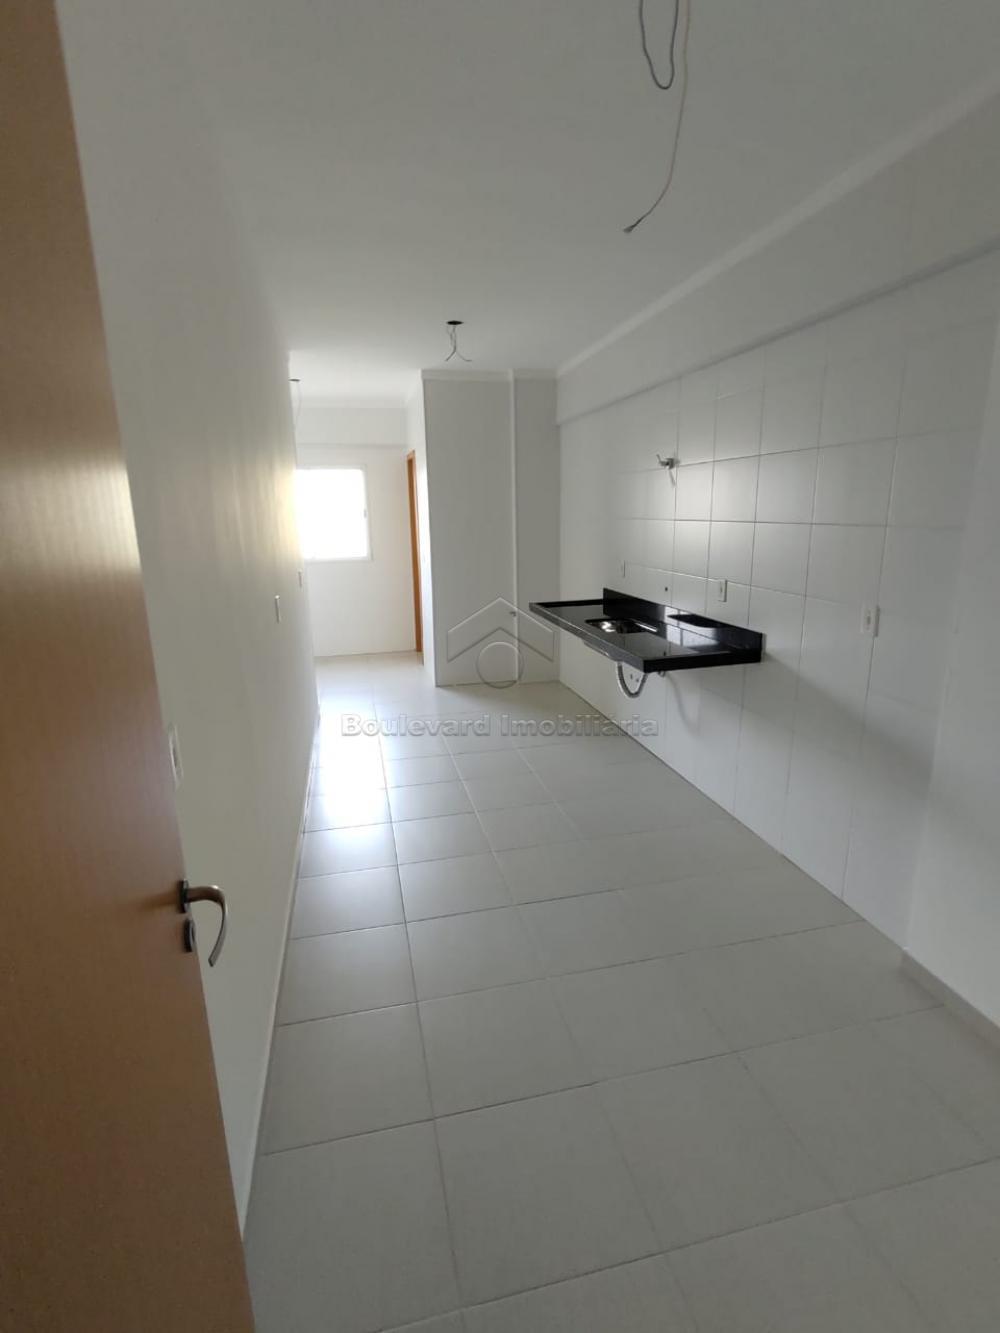 Comprar Apartamento / Padrão em Ribeirão Preto R$ 500.000,00 - Foto 11